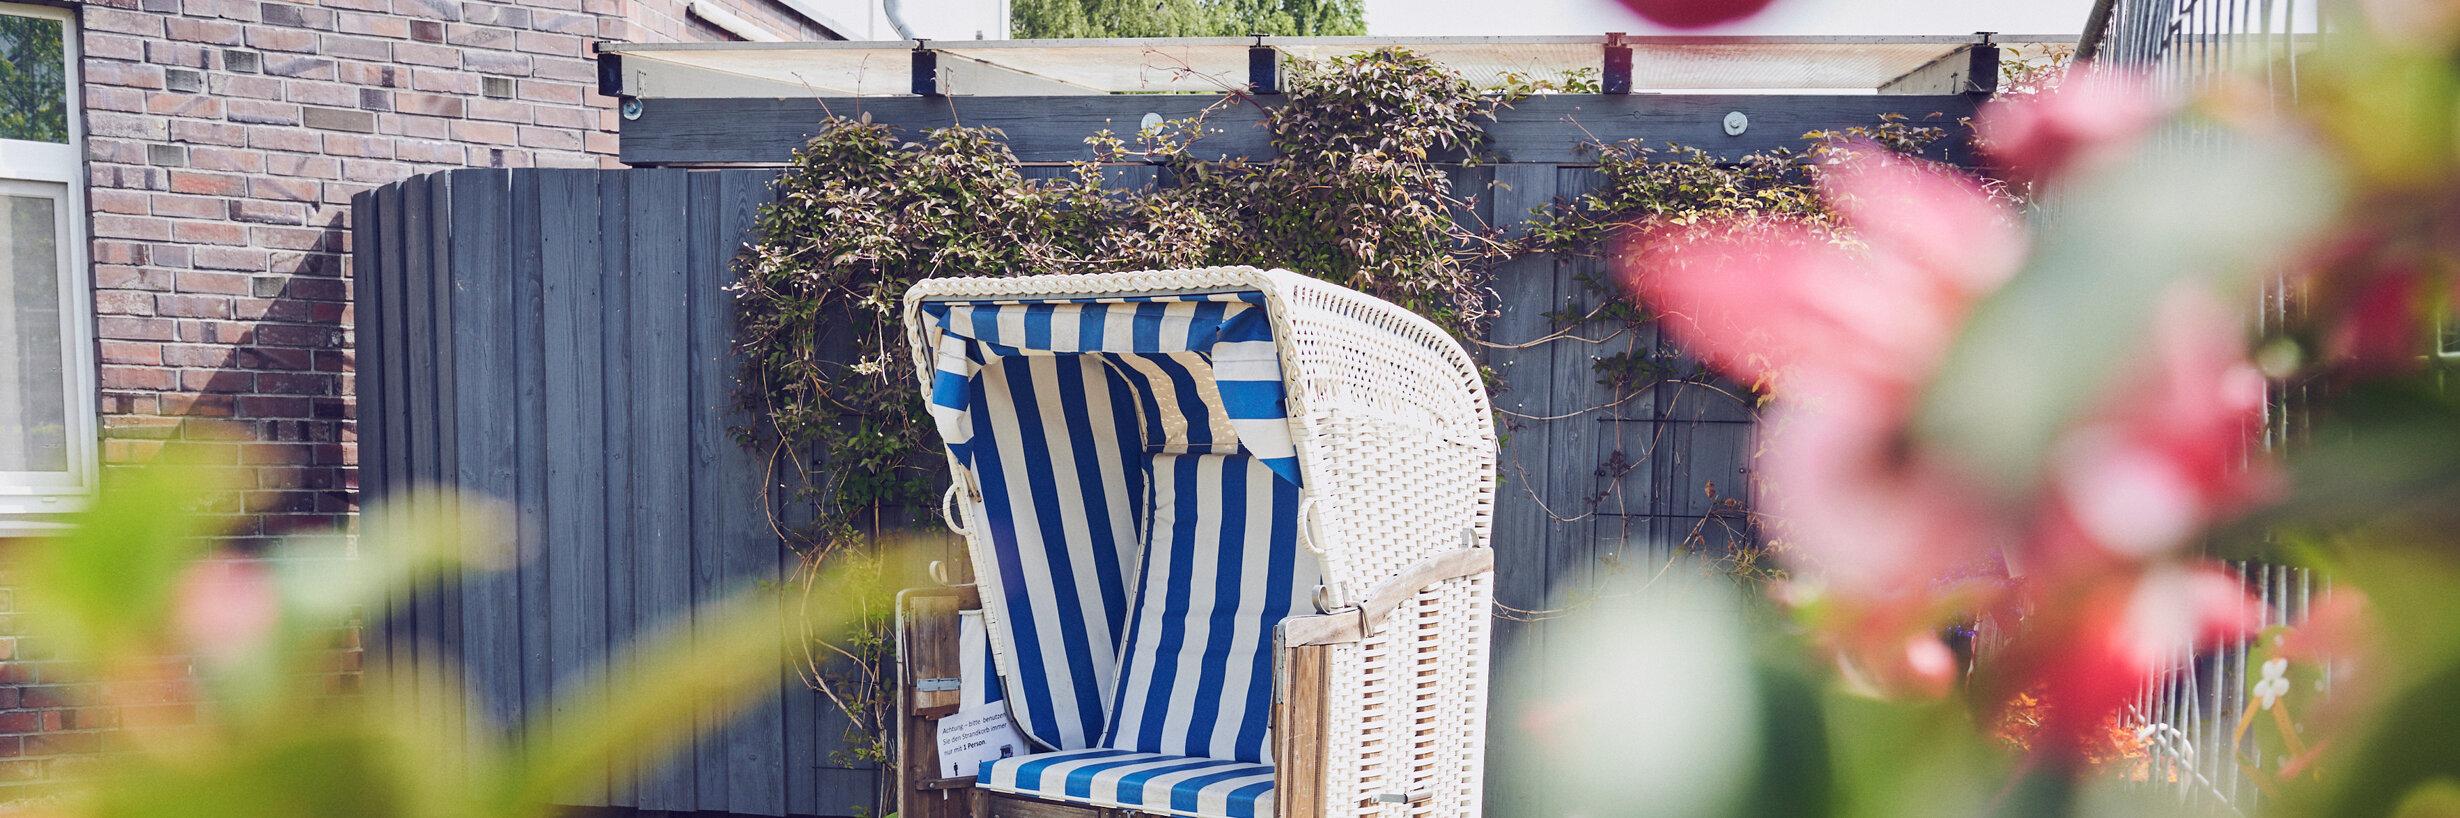 Blau-weißer Strandkorb in einer ruhigen Lage am Haus am Rosarium in Uetersen.